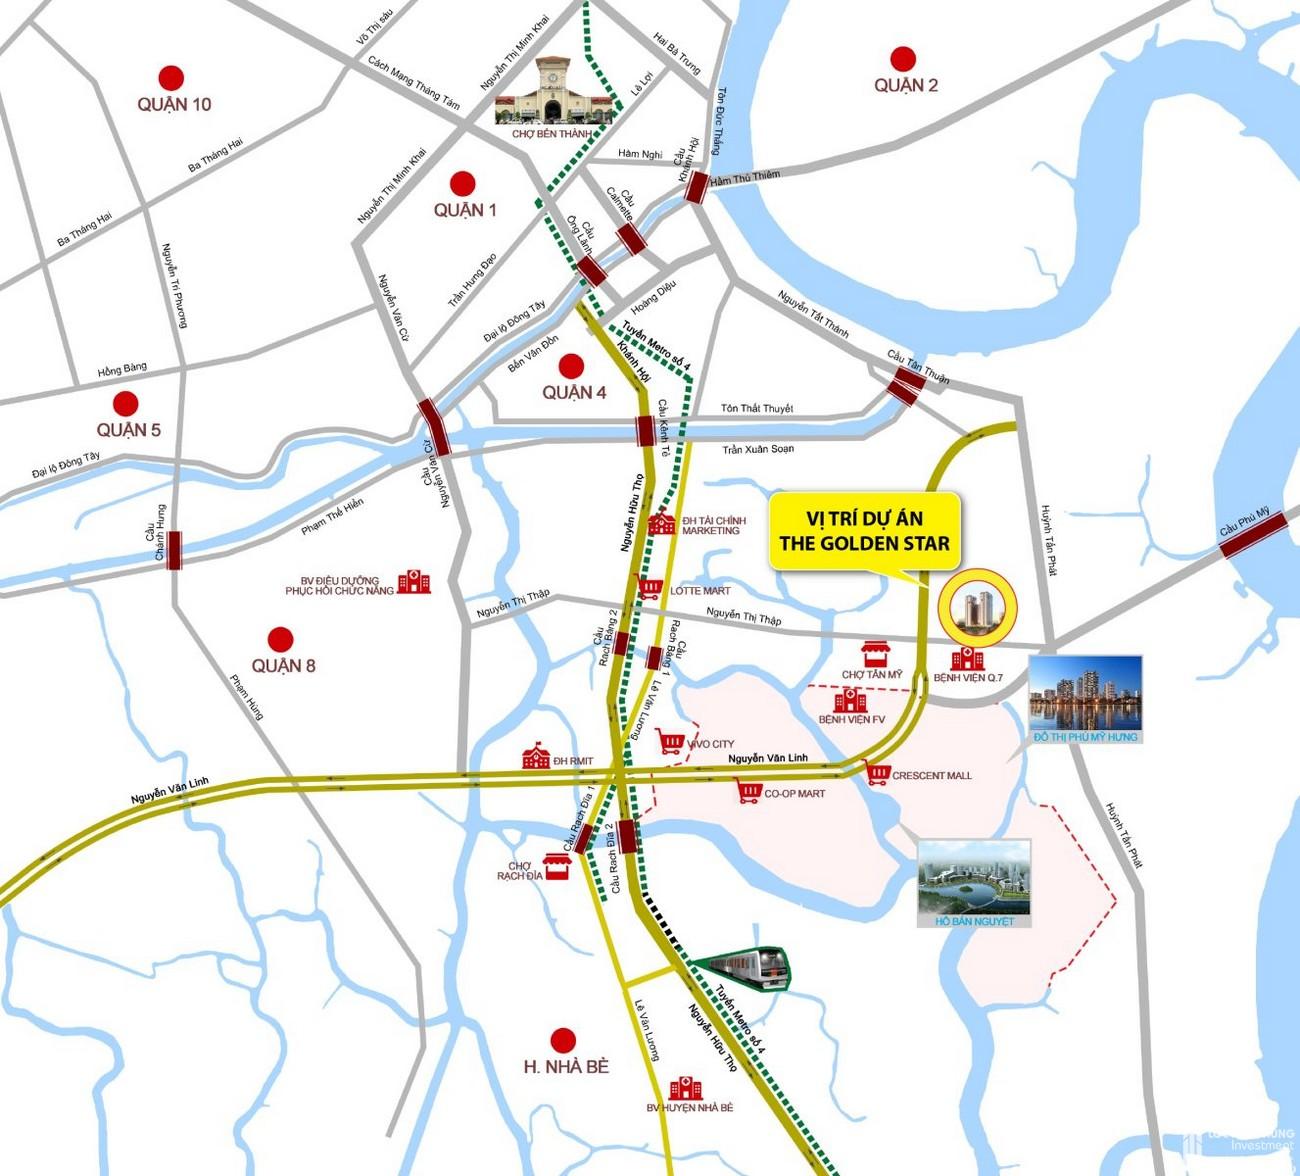 Mua bán cho thuê dự án căn hộ chung cư The Golden Star Quận 7 Đường Nguyễn Thị Thập chủ đầu tư Hưng Lộc Phát